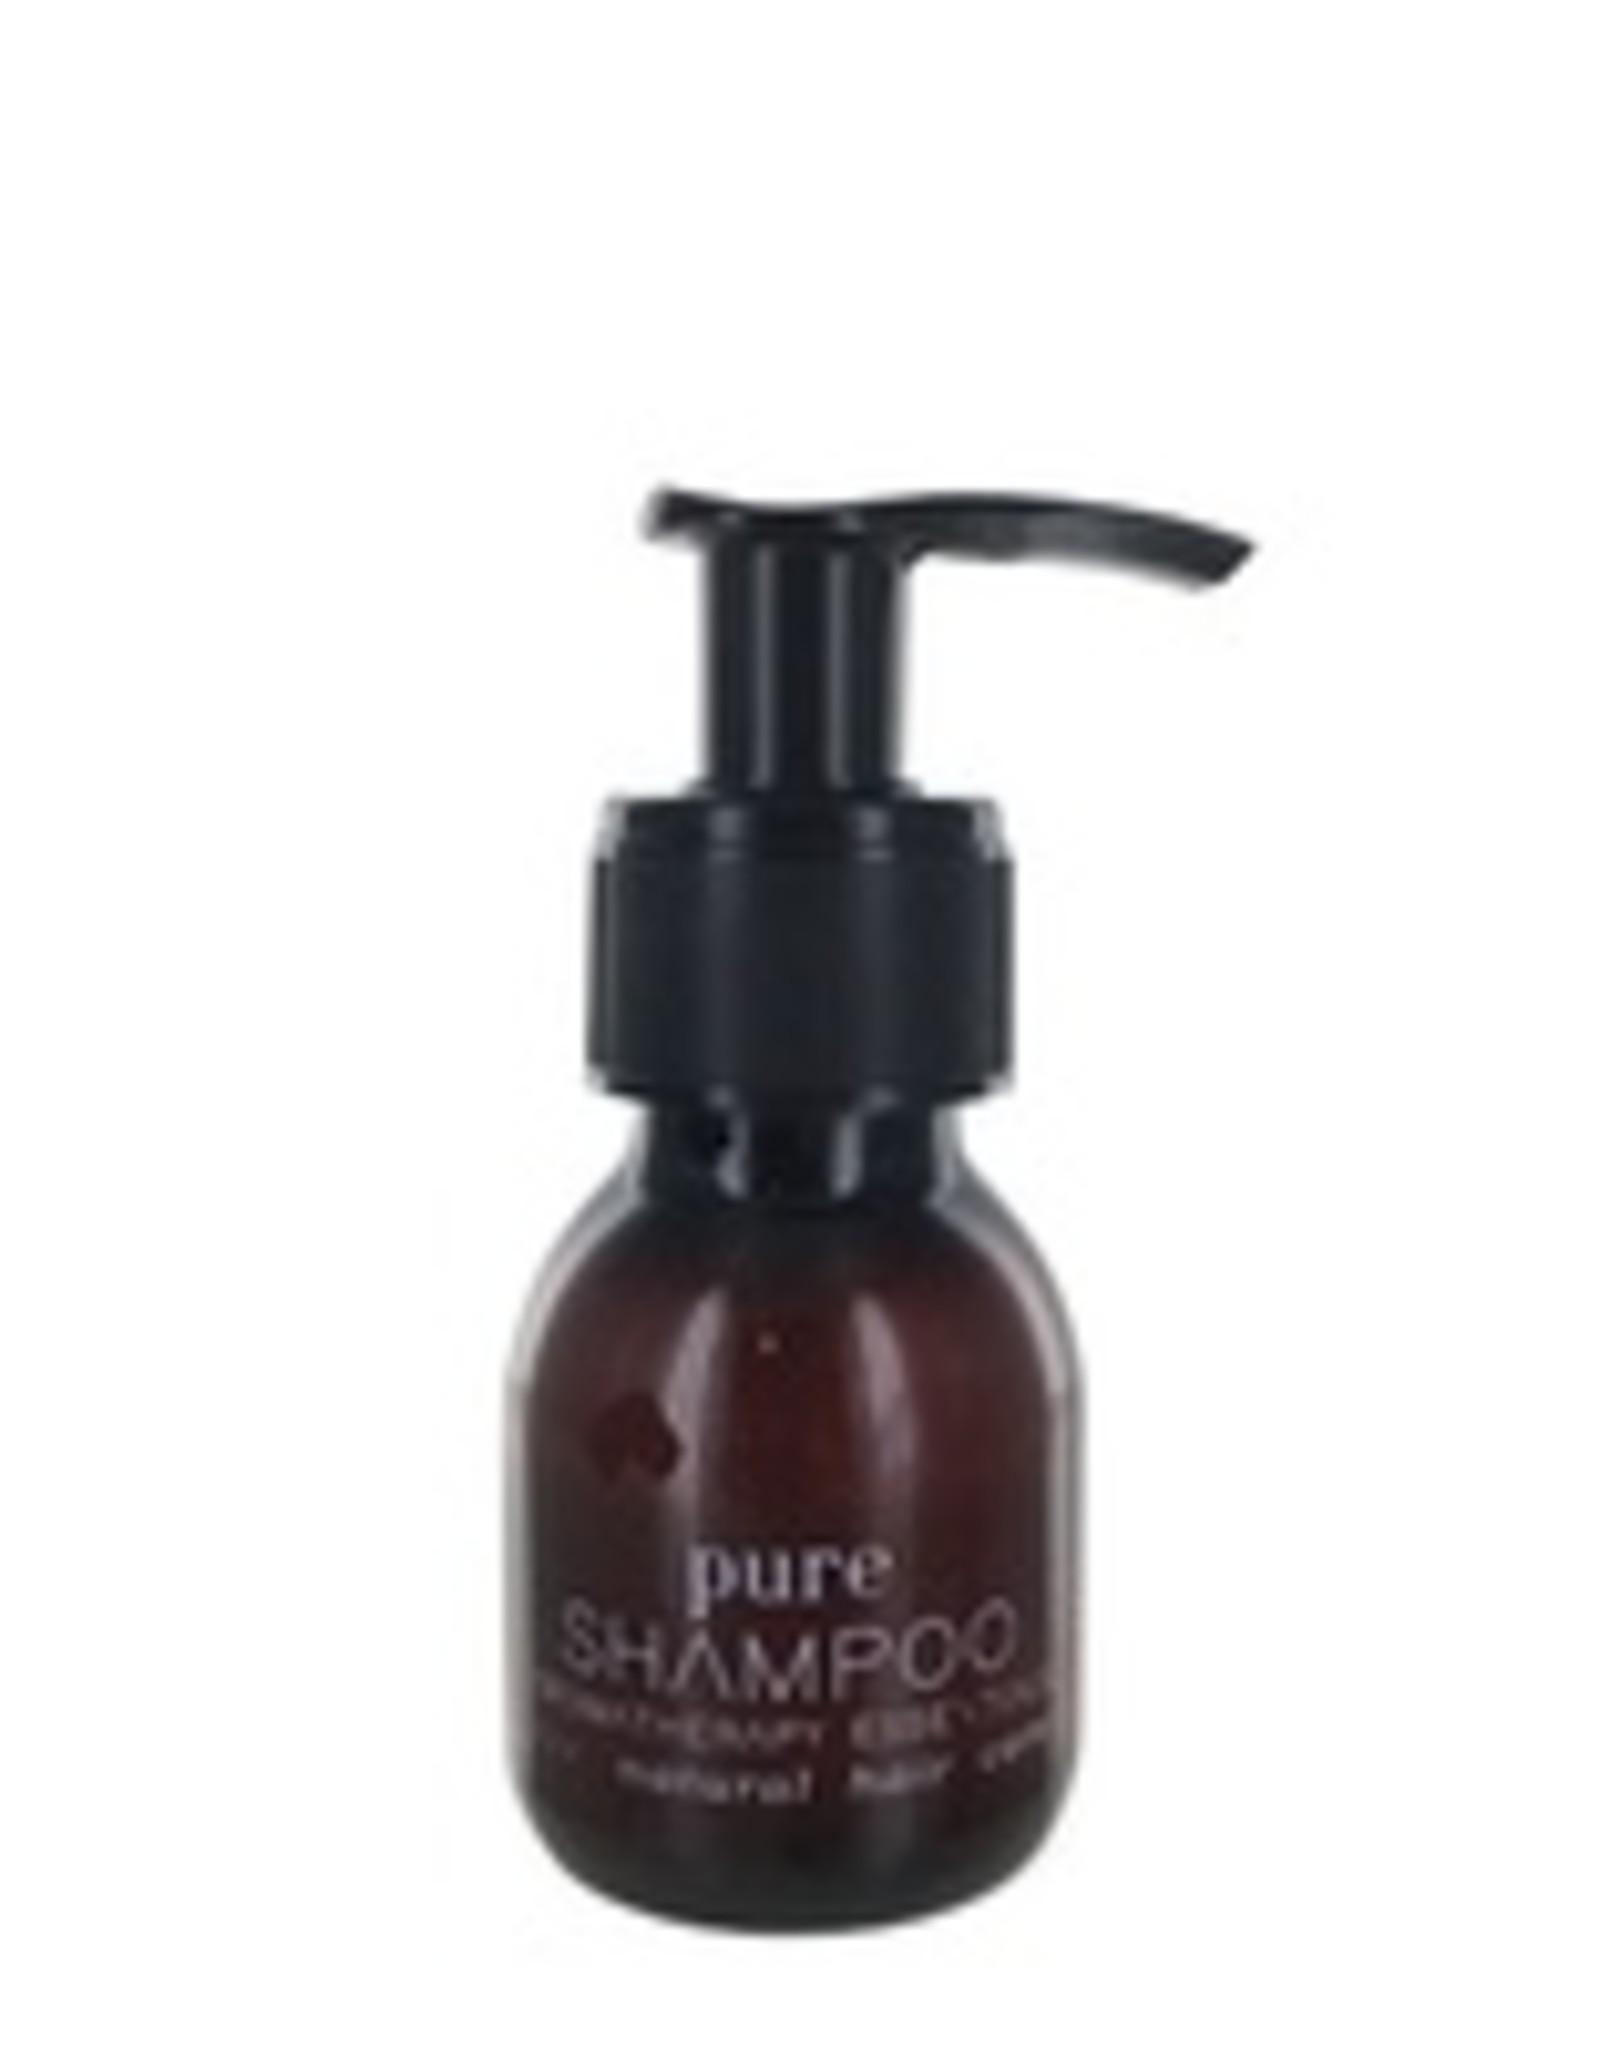 RainPharma Rainpharma - Pure Shampoo reisformaat 60ml (reisformaat)